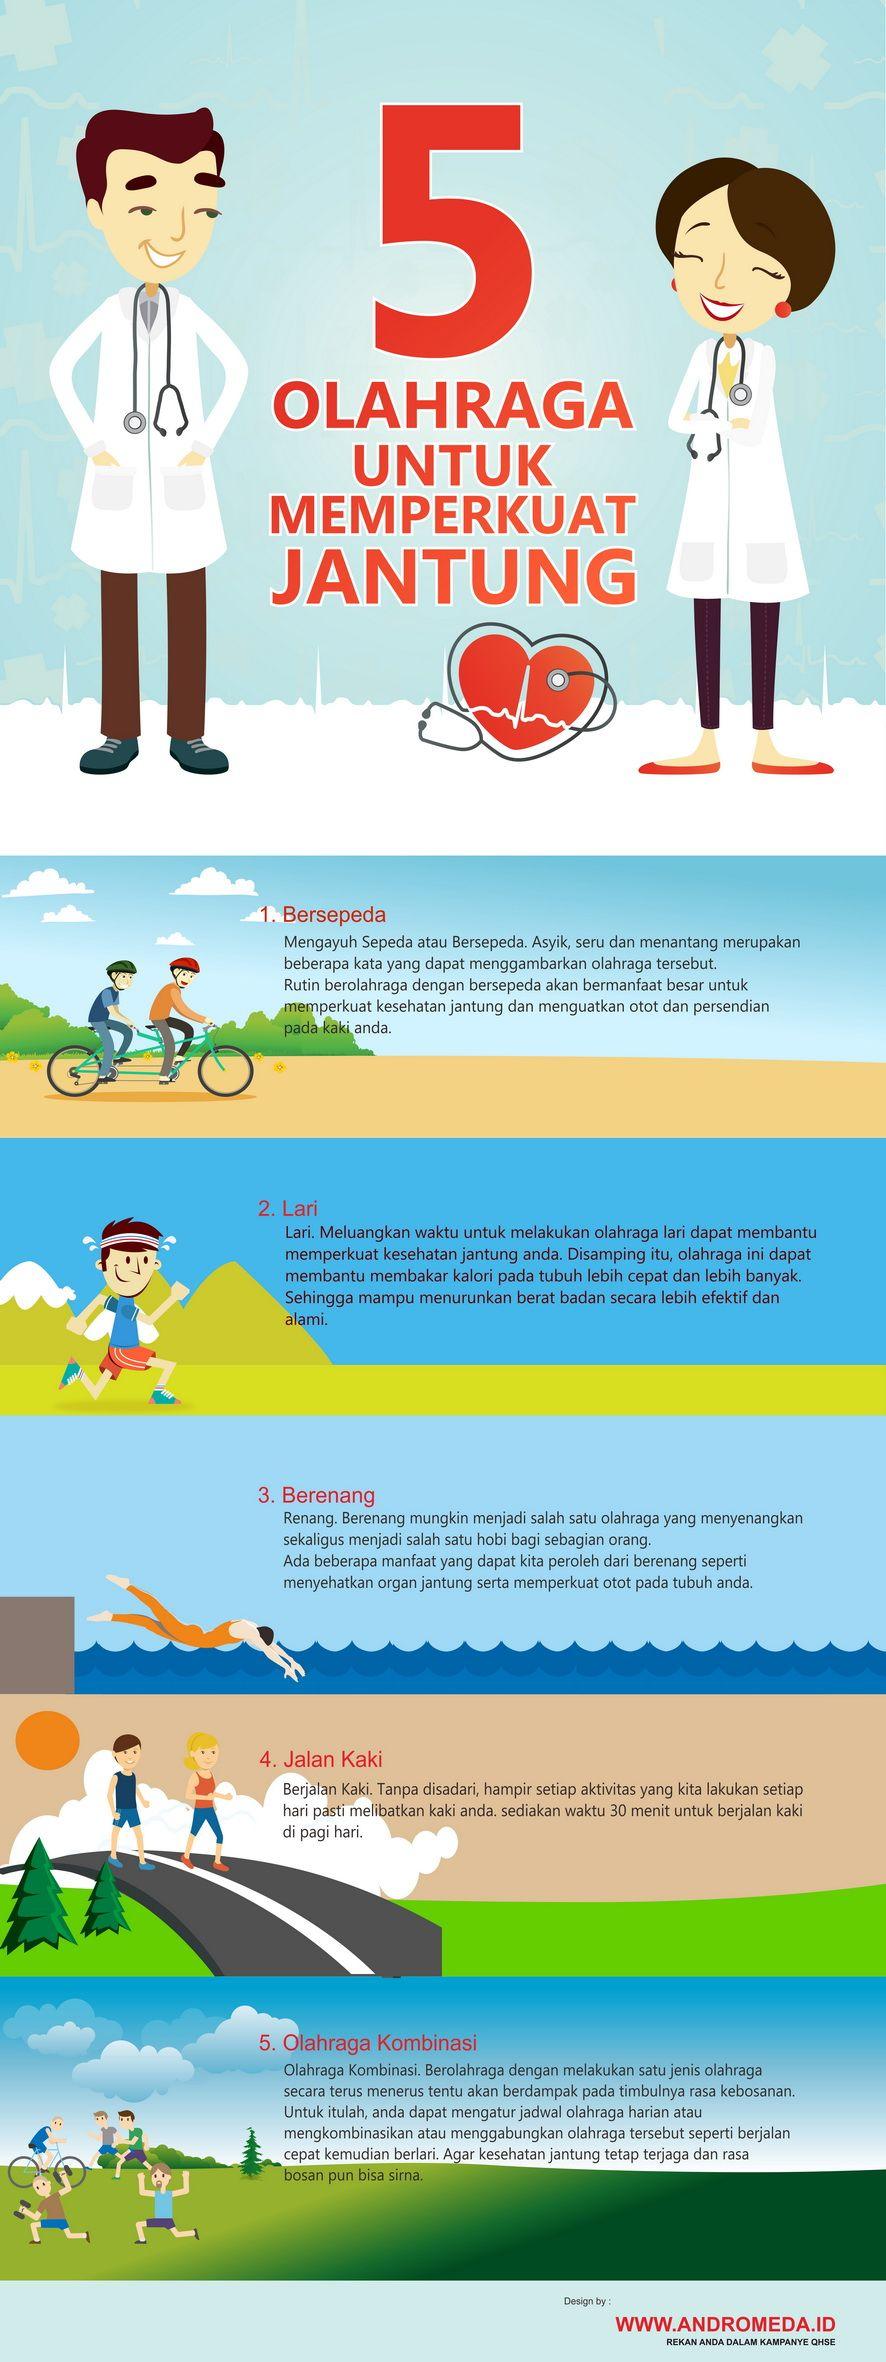 Aplikasi Untuk Olahraga Jalan